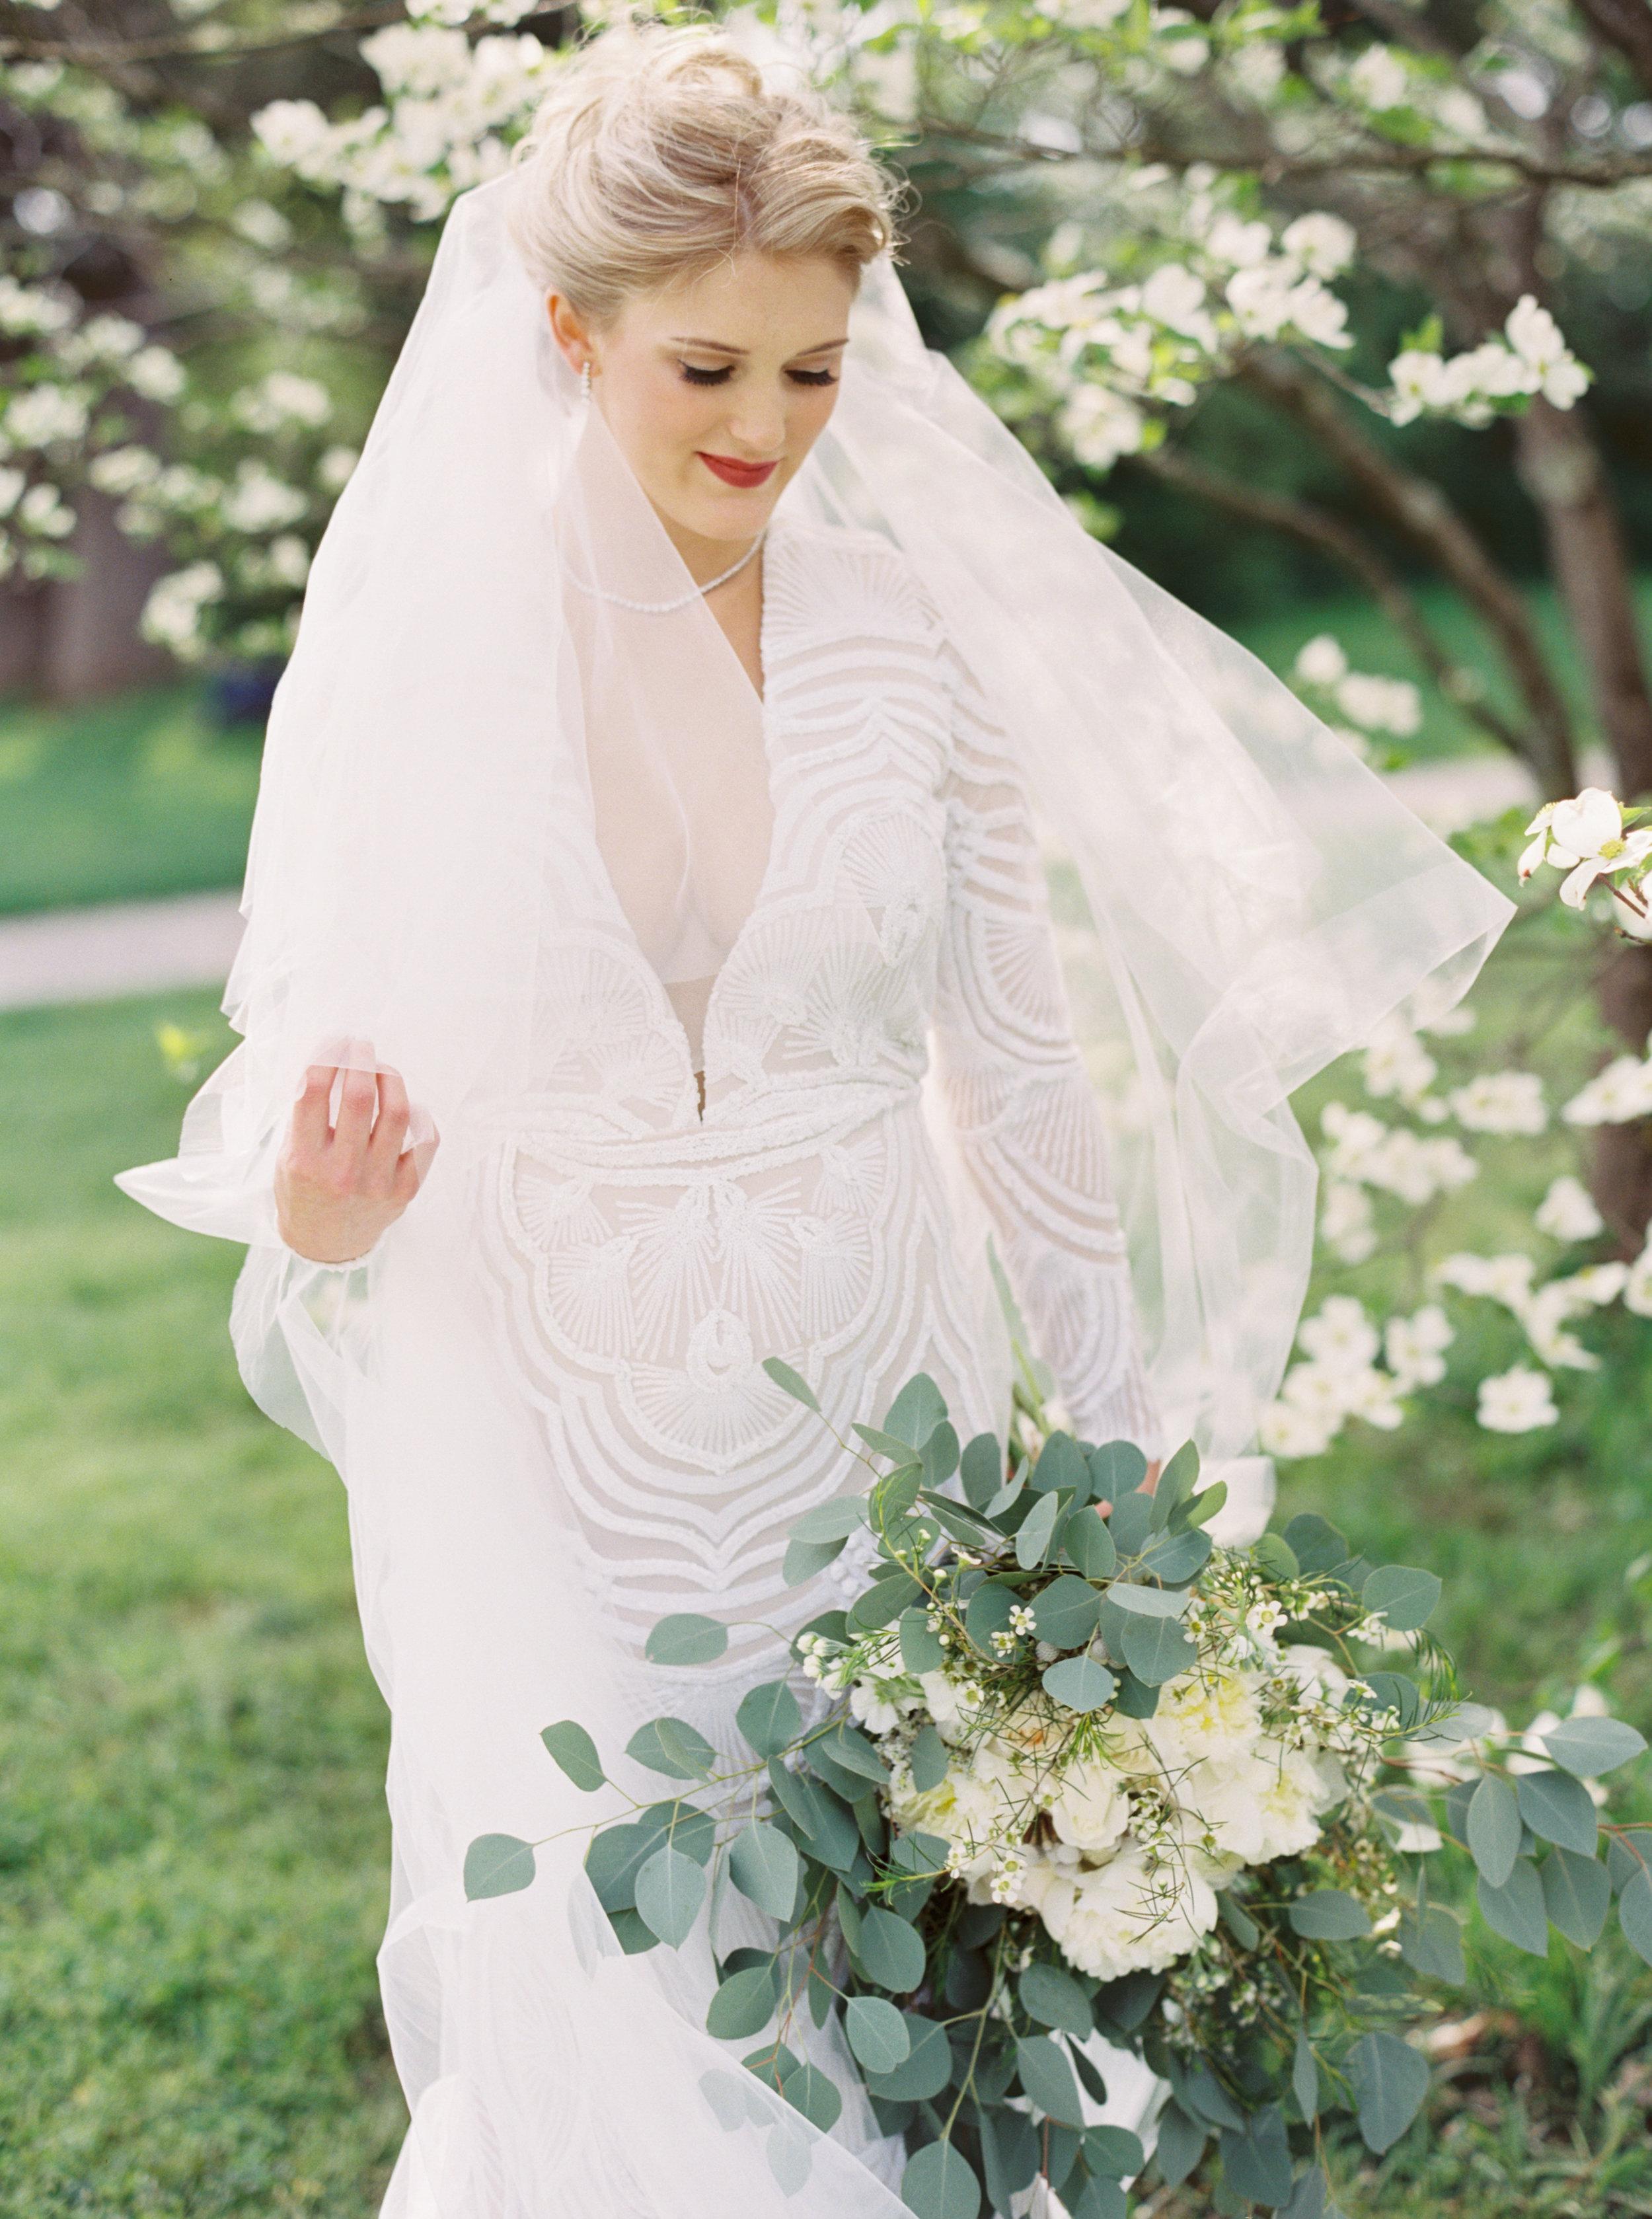 Kelsie_Peyton_Wedding_Knoxville_Botanical_Garden_Abigail_Malone_Photography-117.jpg